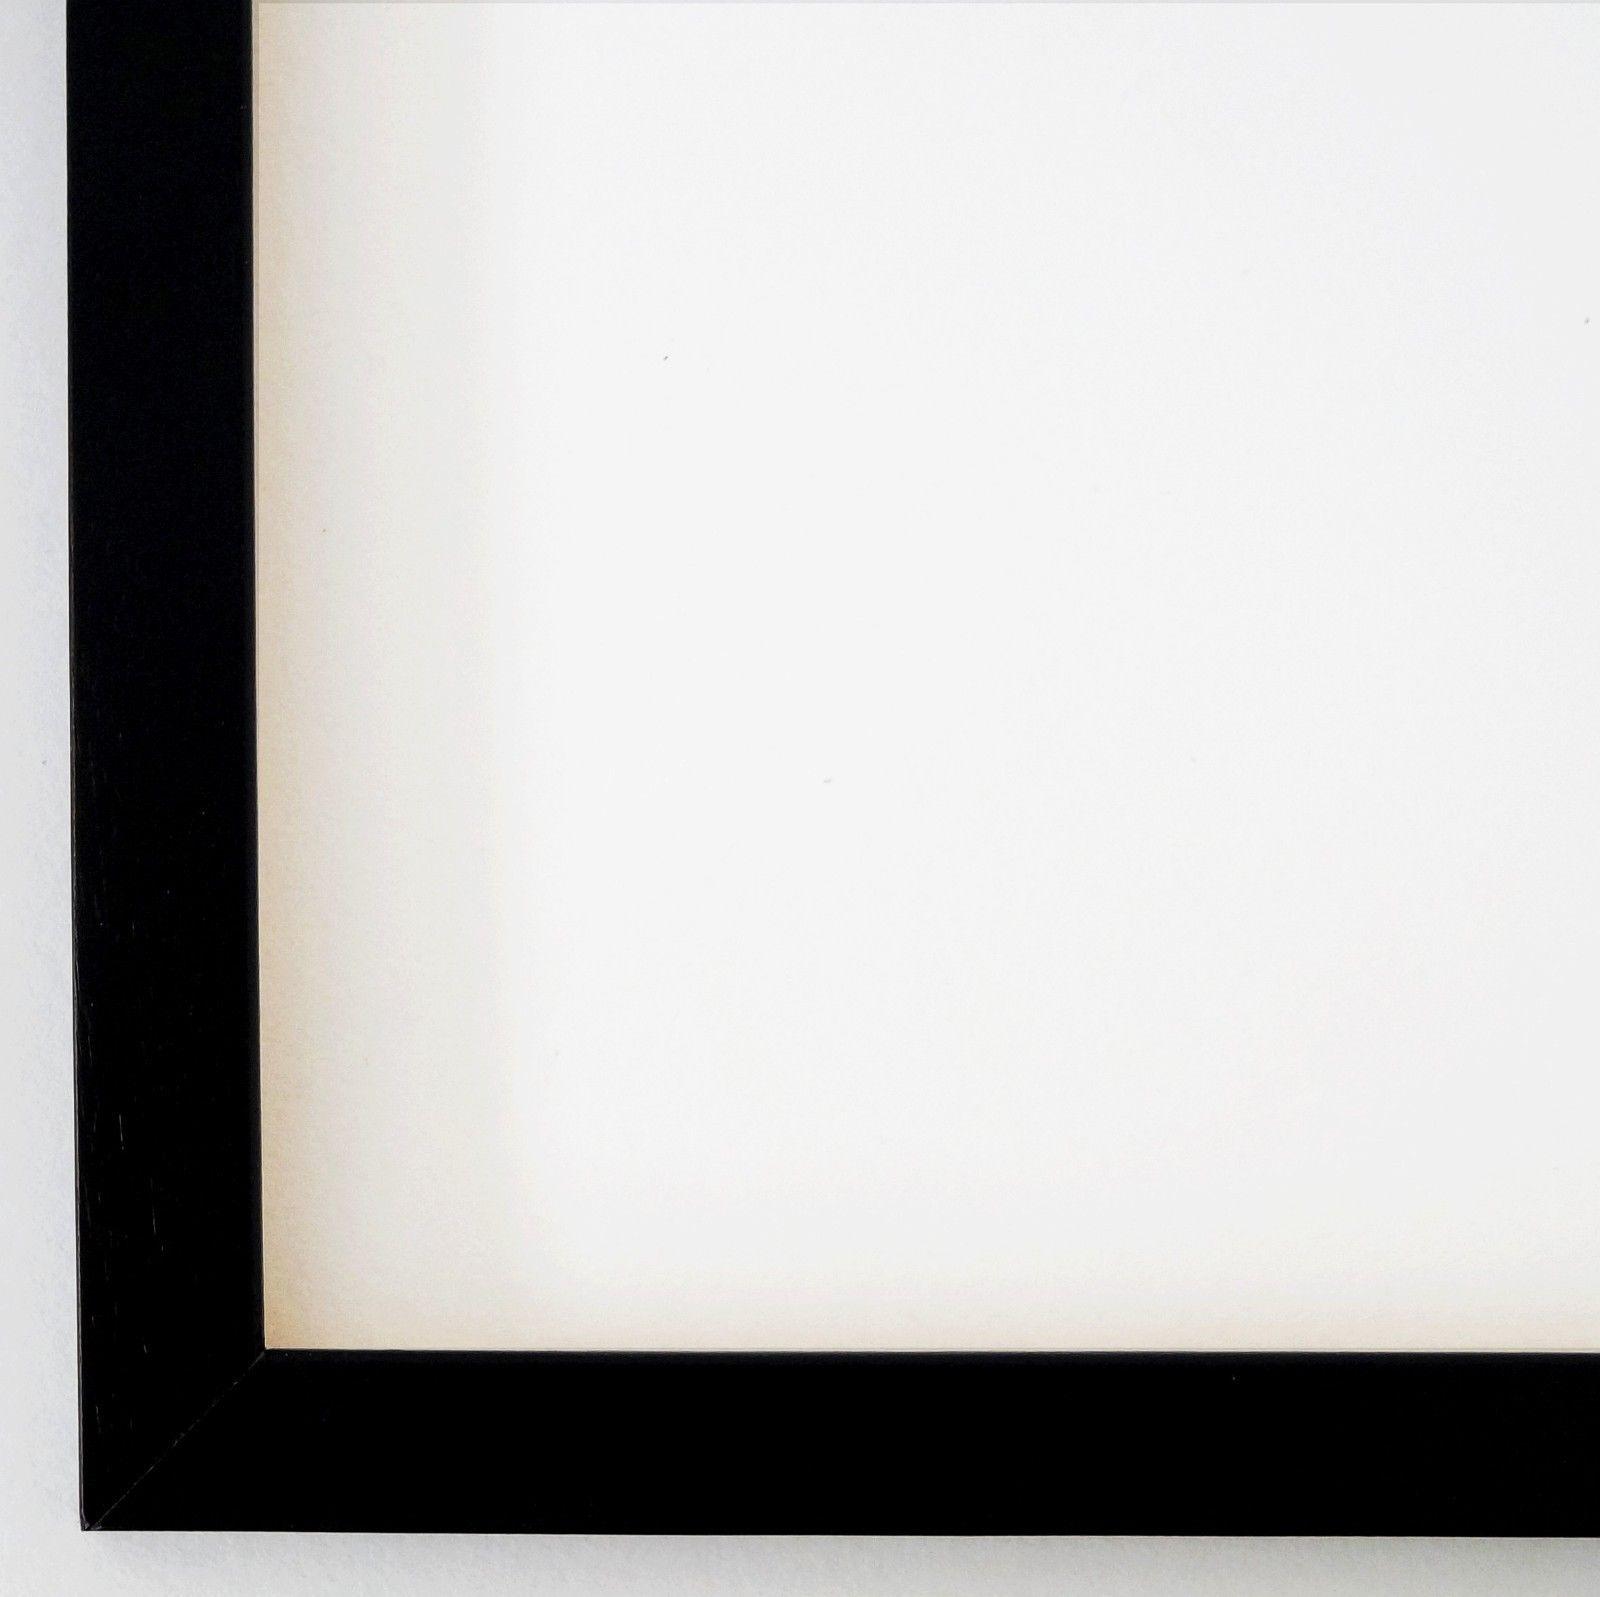 Charmant 18 X 24 Bildrahmen White Ideen - Benutzerdefinierte ...